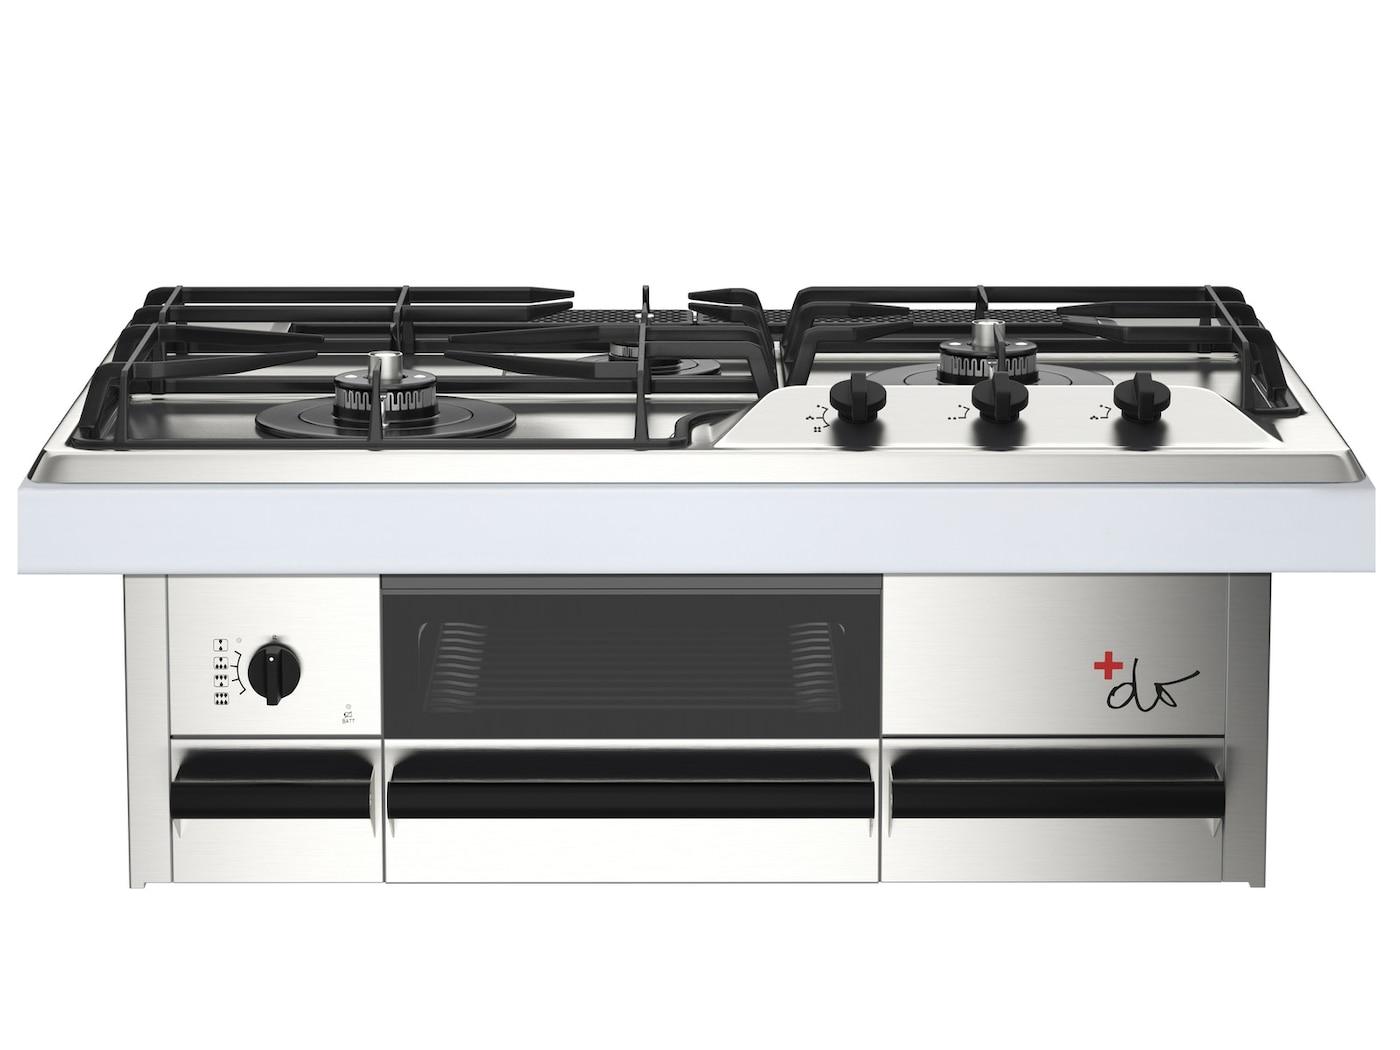 キッチン設備機器 ELDIG/エルディッグ F2 HGA3 13A